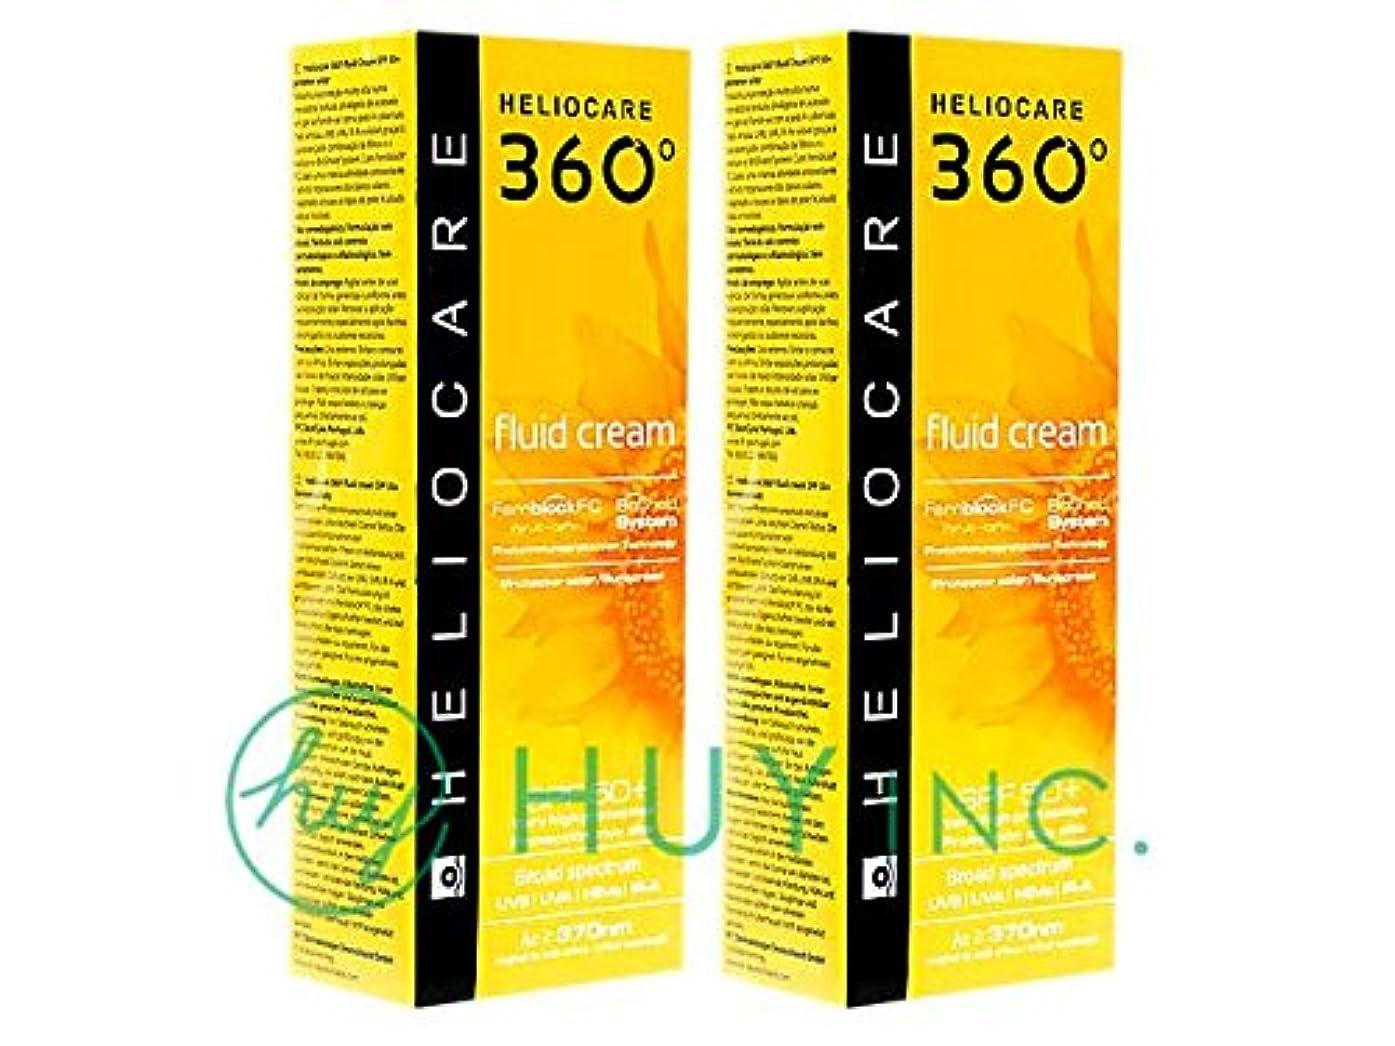 懐疑的うそつき資源ヘリオケア 360°フルイドクリーム(Heliocare360FluidCream)SPF50+ 2ボトル(50ml×2) [並行輸入品]